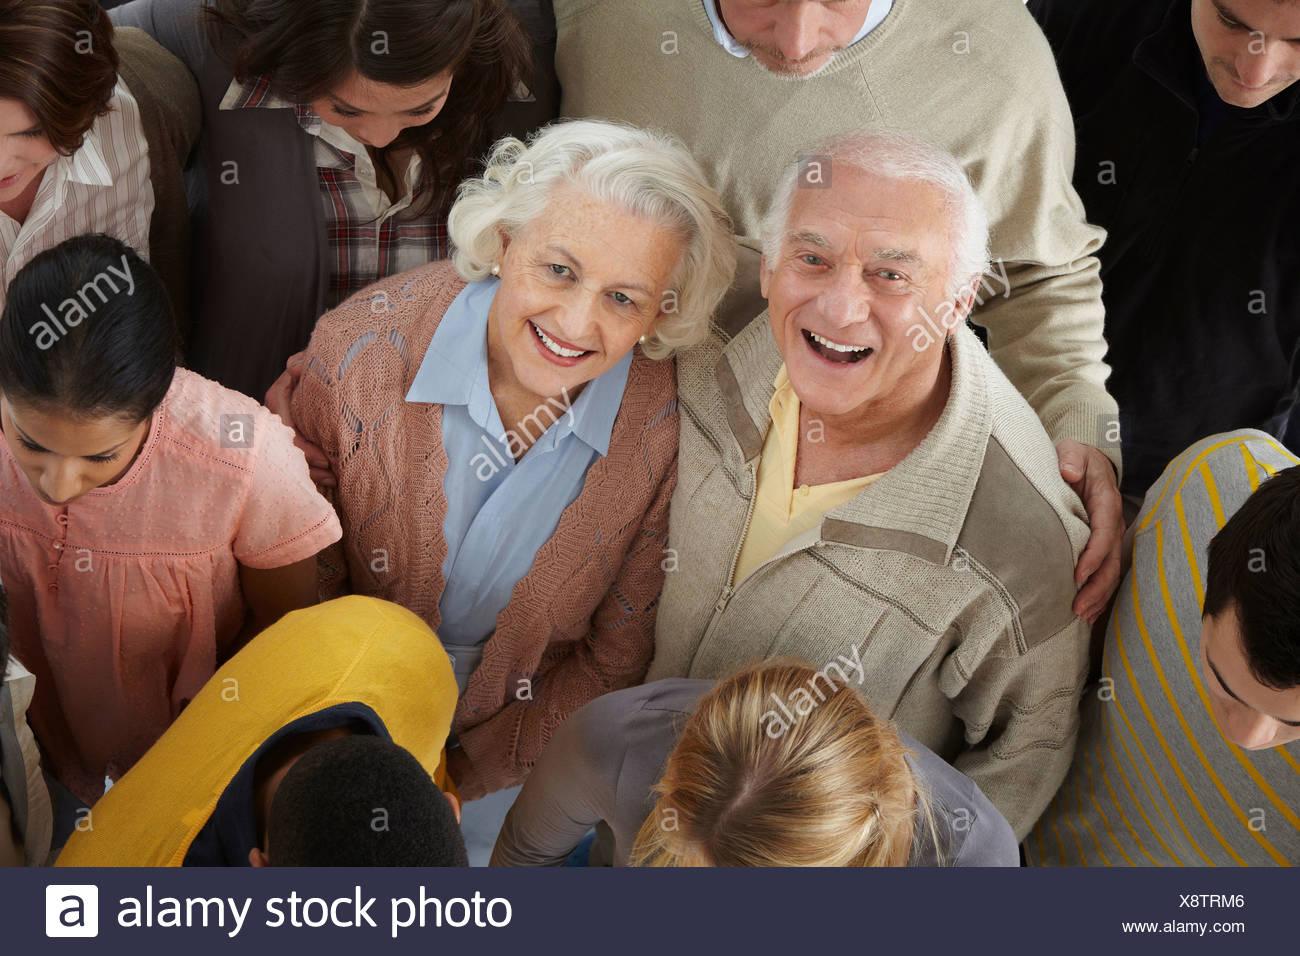 Ritratto di un gruppo di persone che guardano la telecamera, angolo alto Immagini Stock